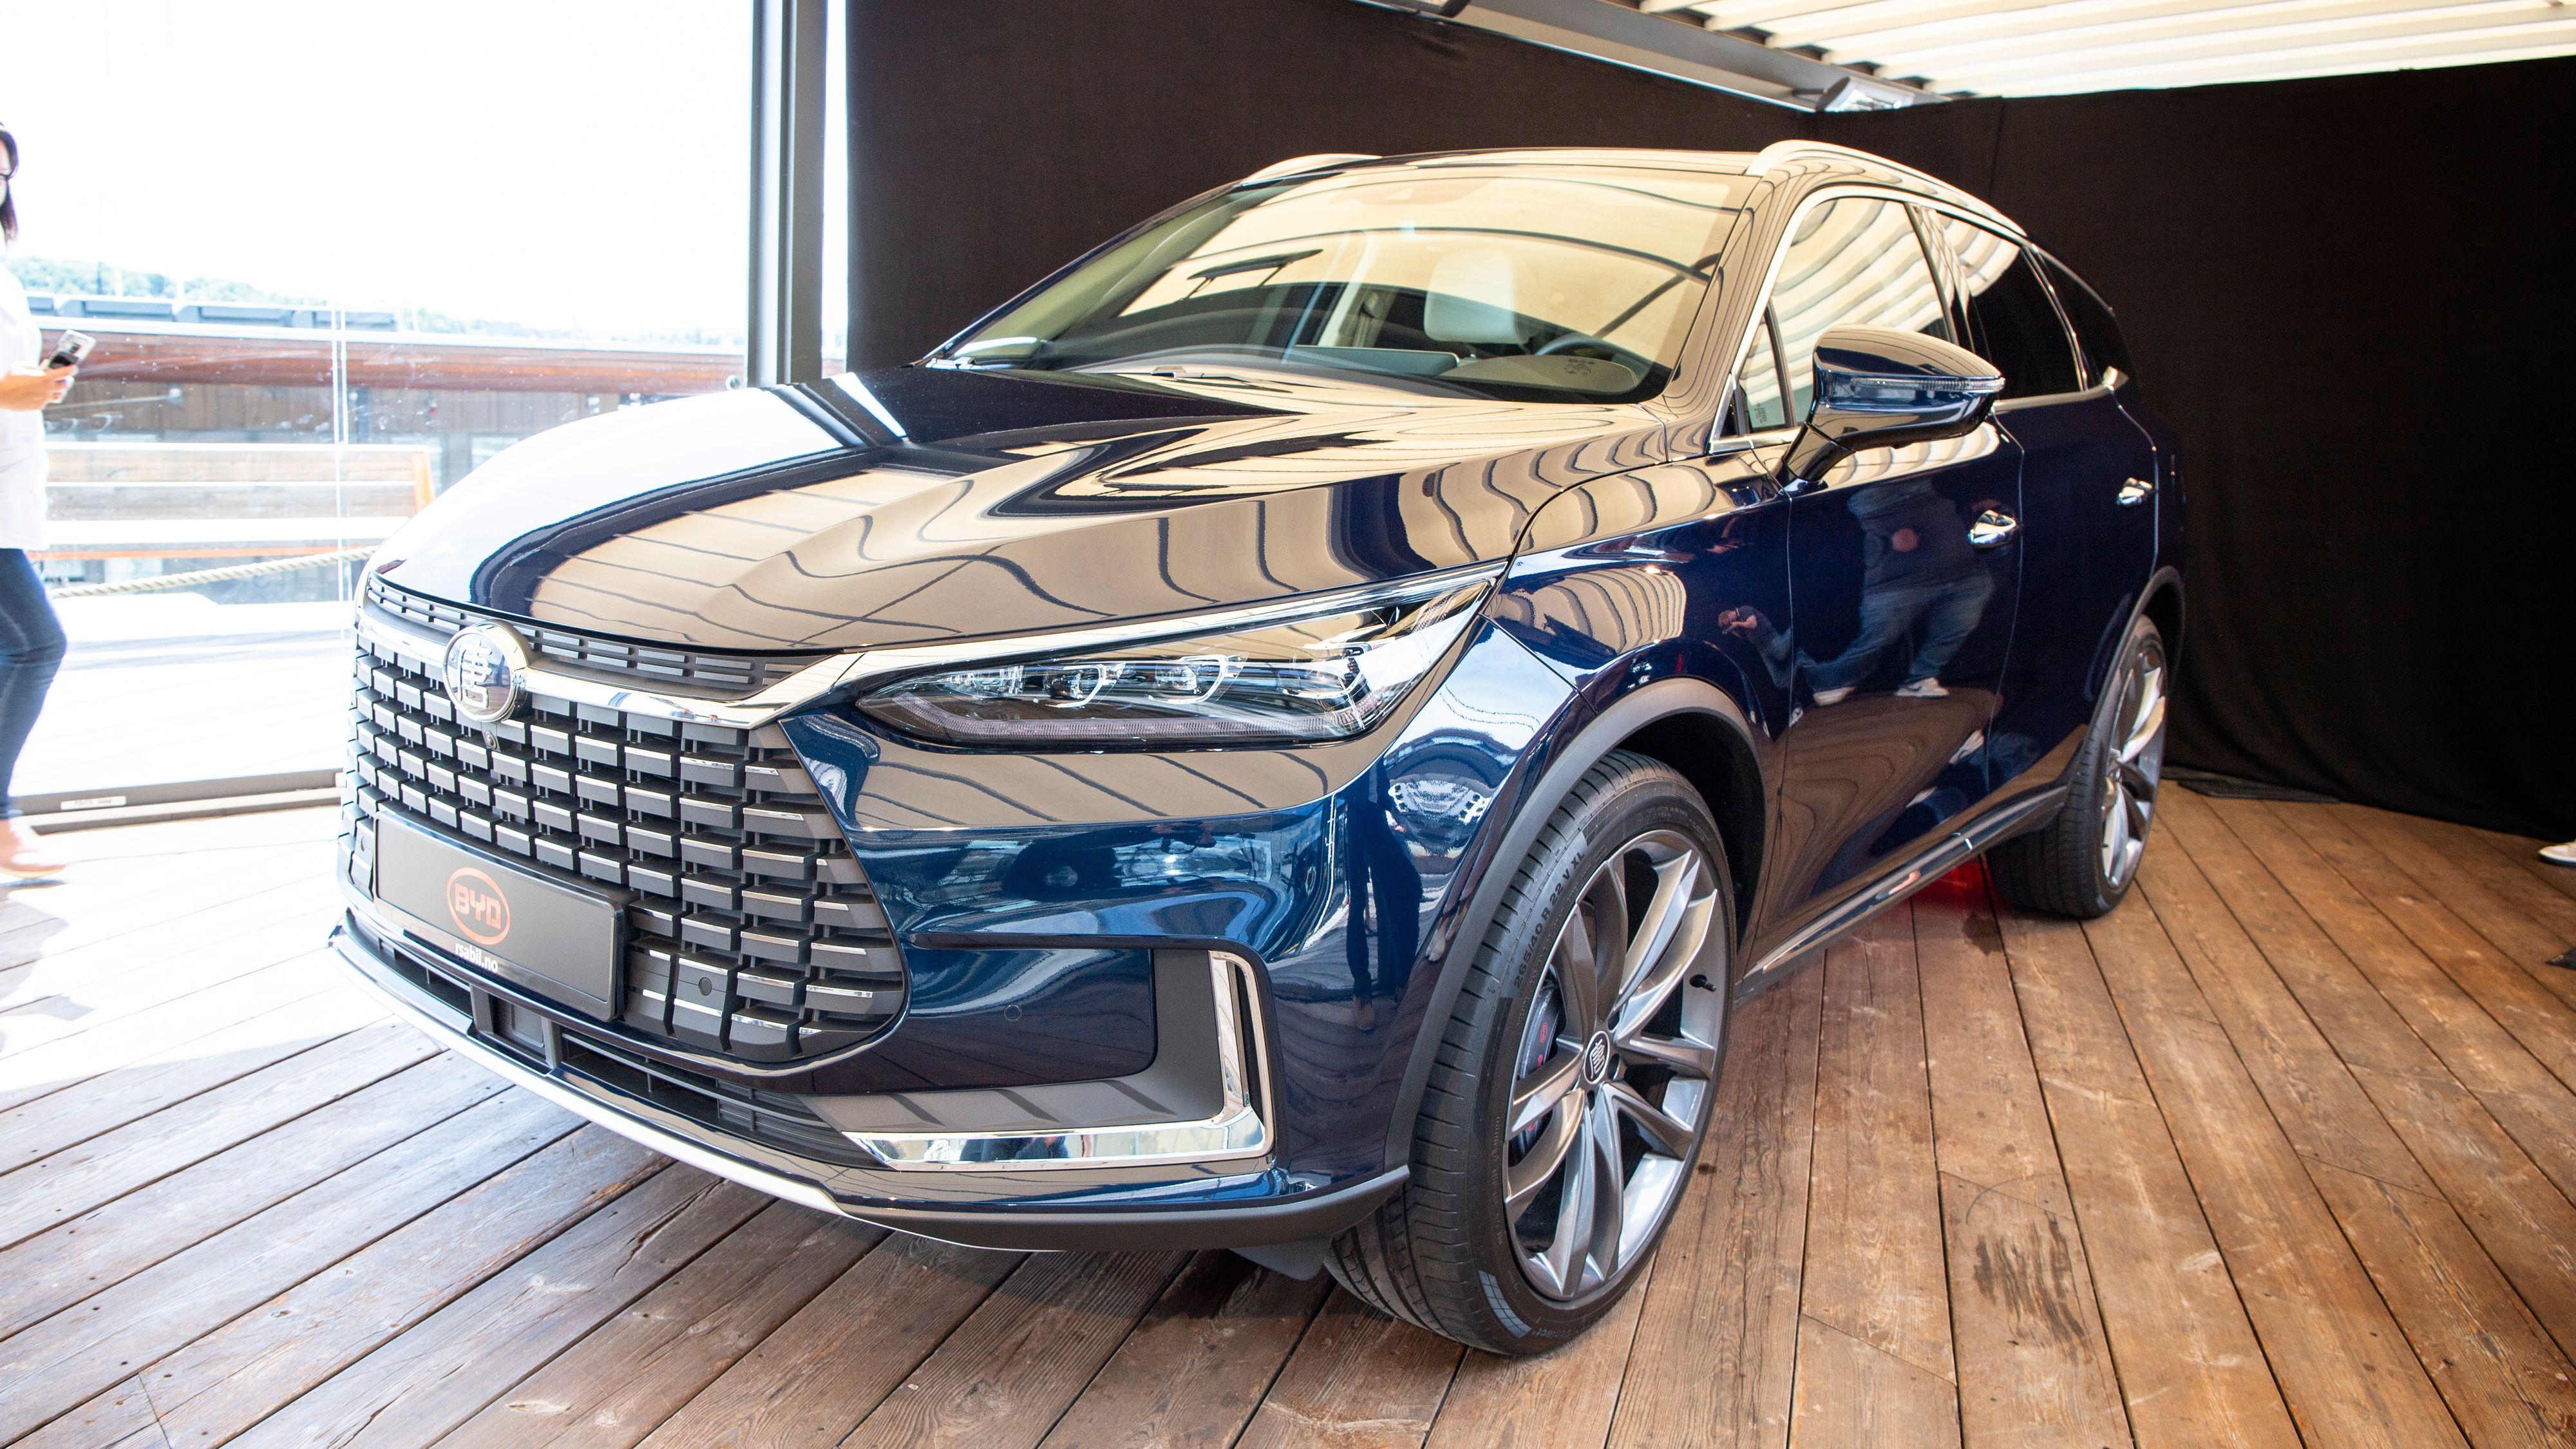 Tang blir den første elbilen ut fra kinesiske BYD i Norge. Den er en stor SUV med lang rekkevidde og masse plass.